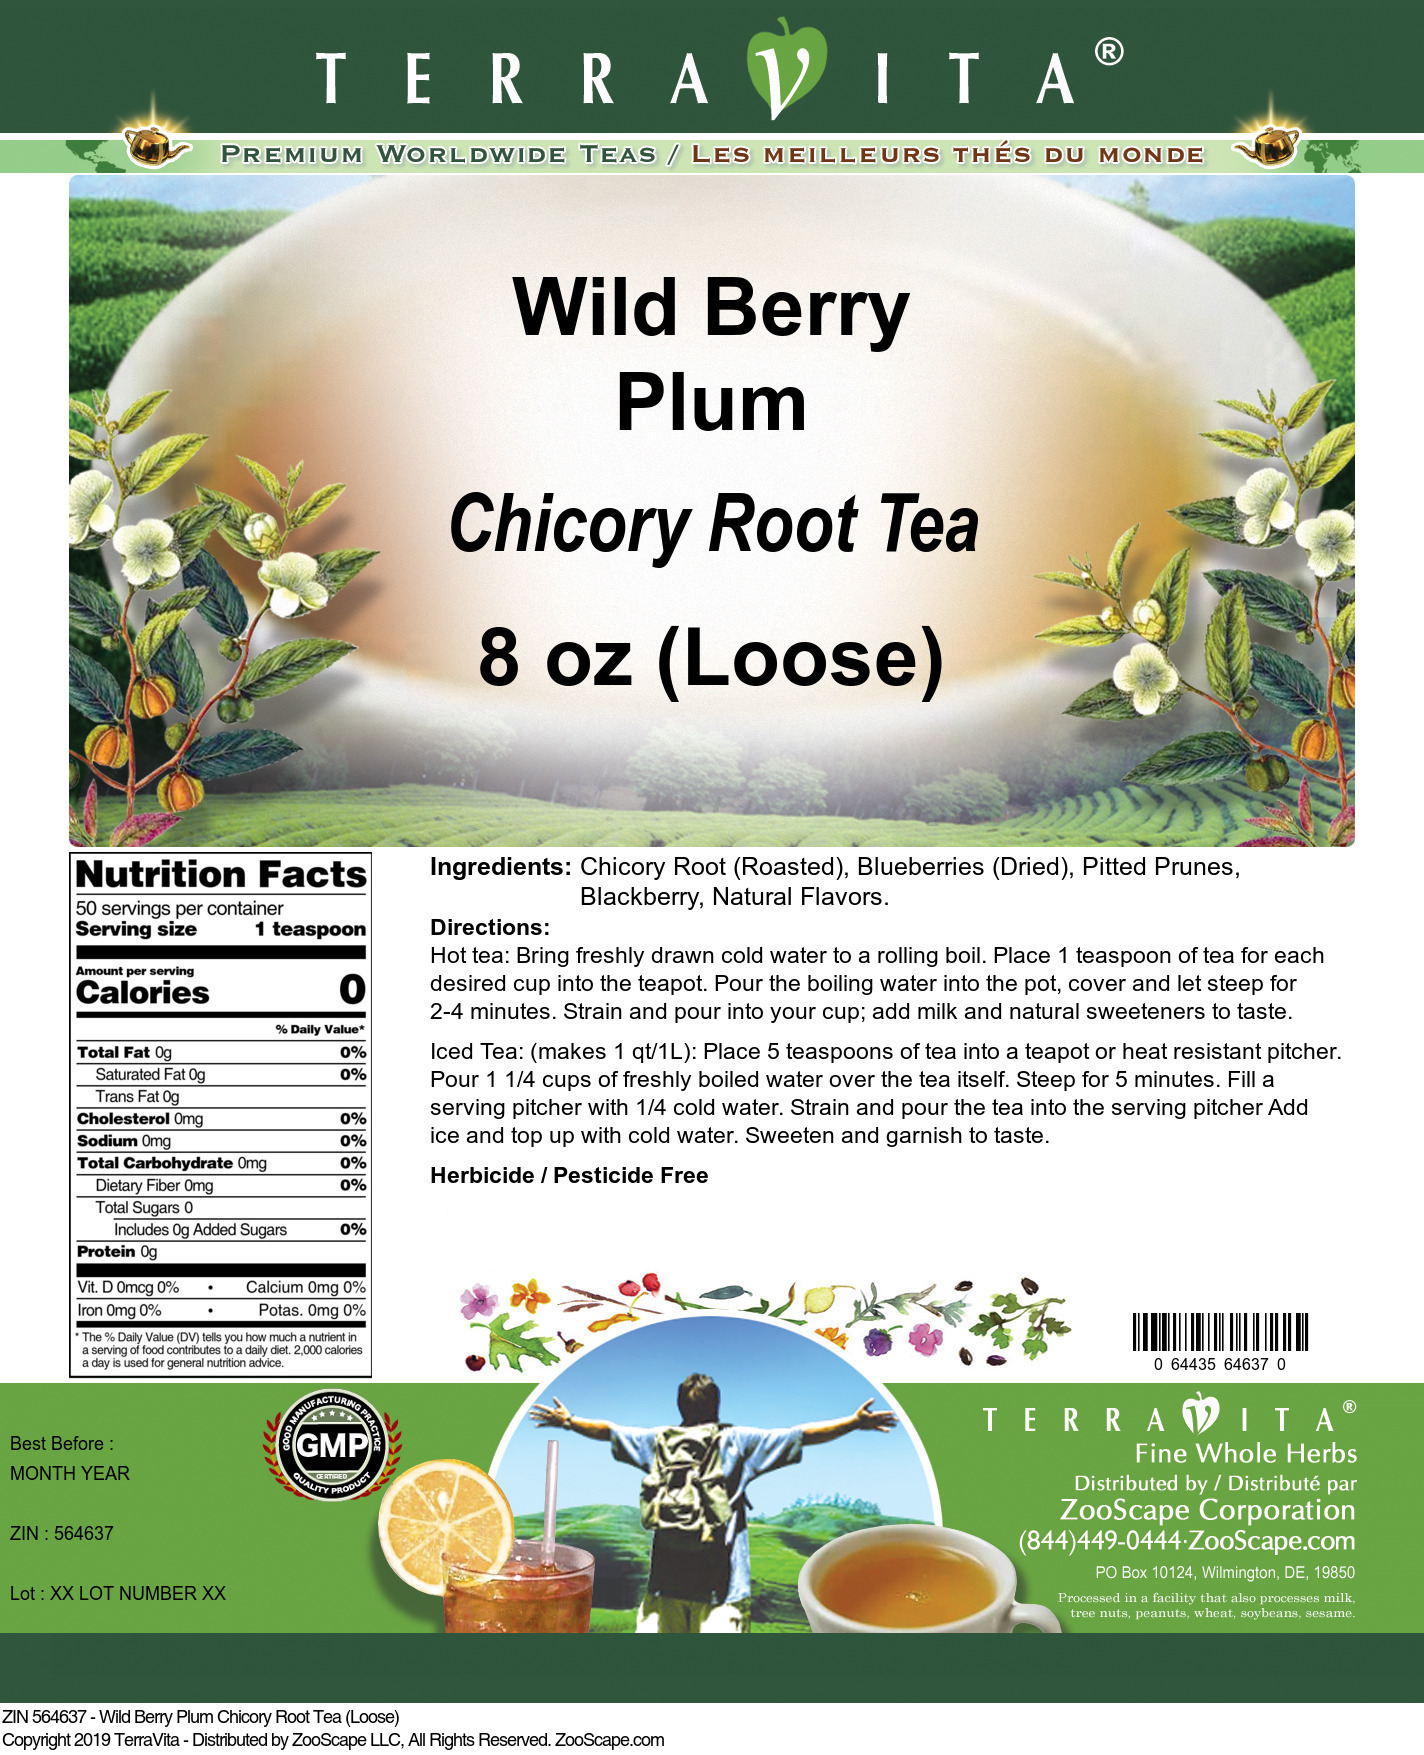 Wild Berry Plum Chicory Root